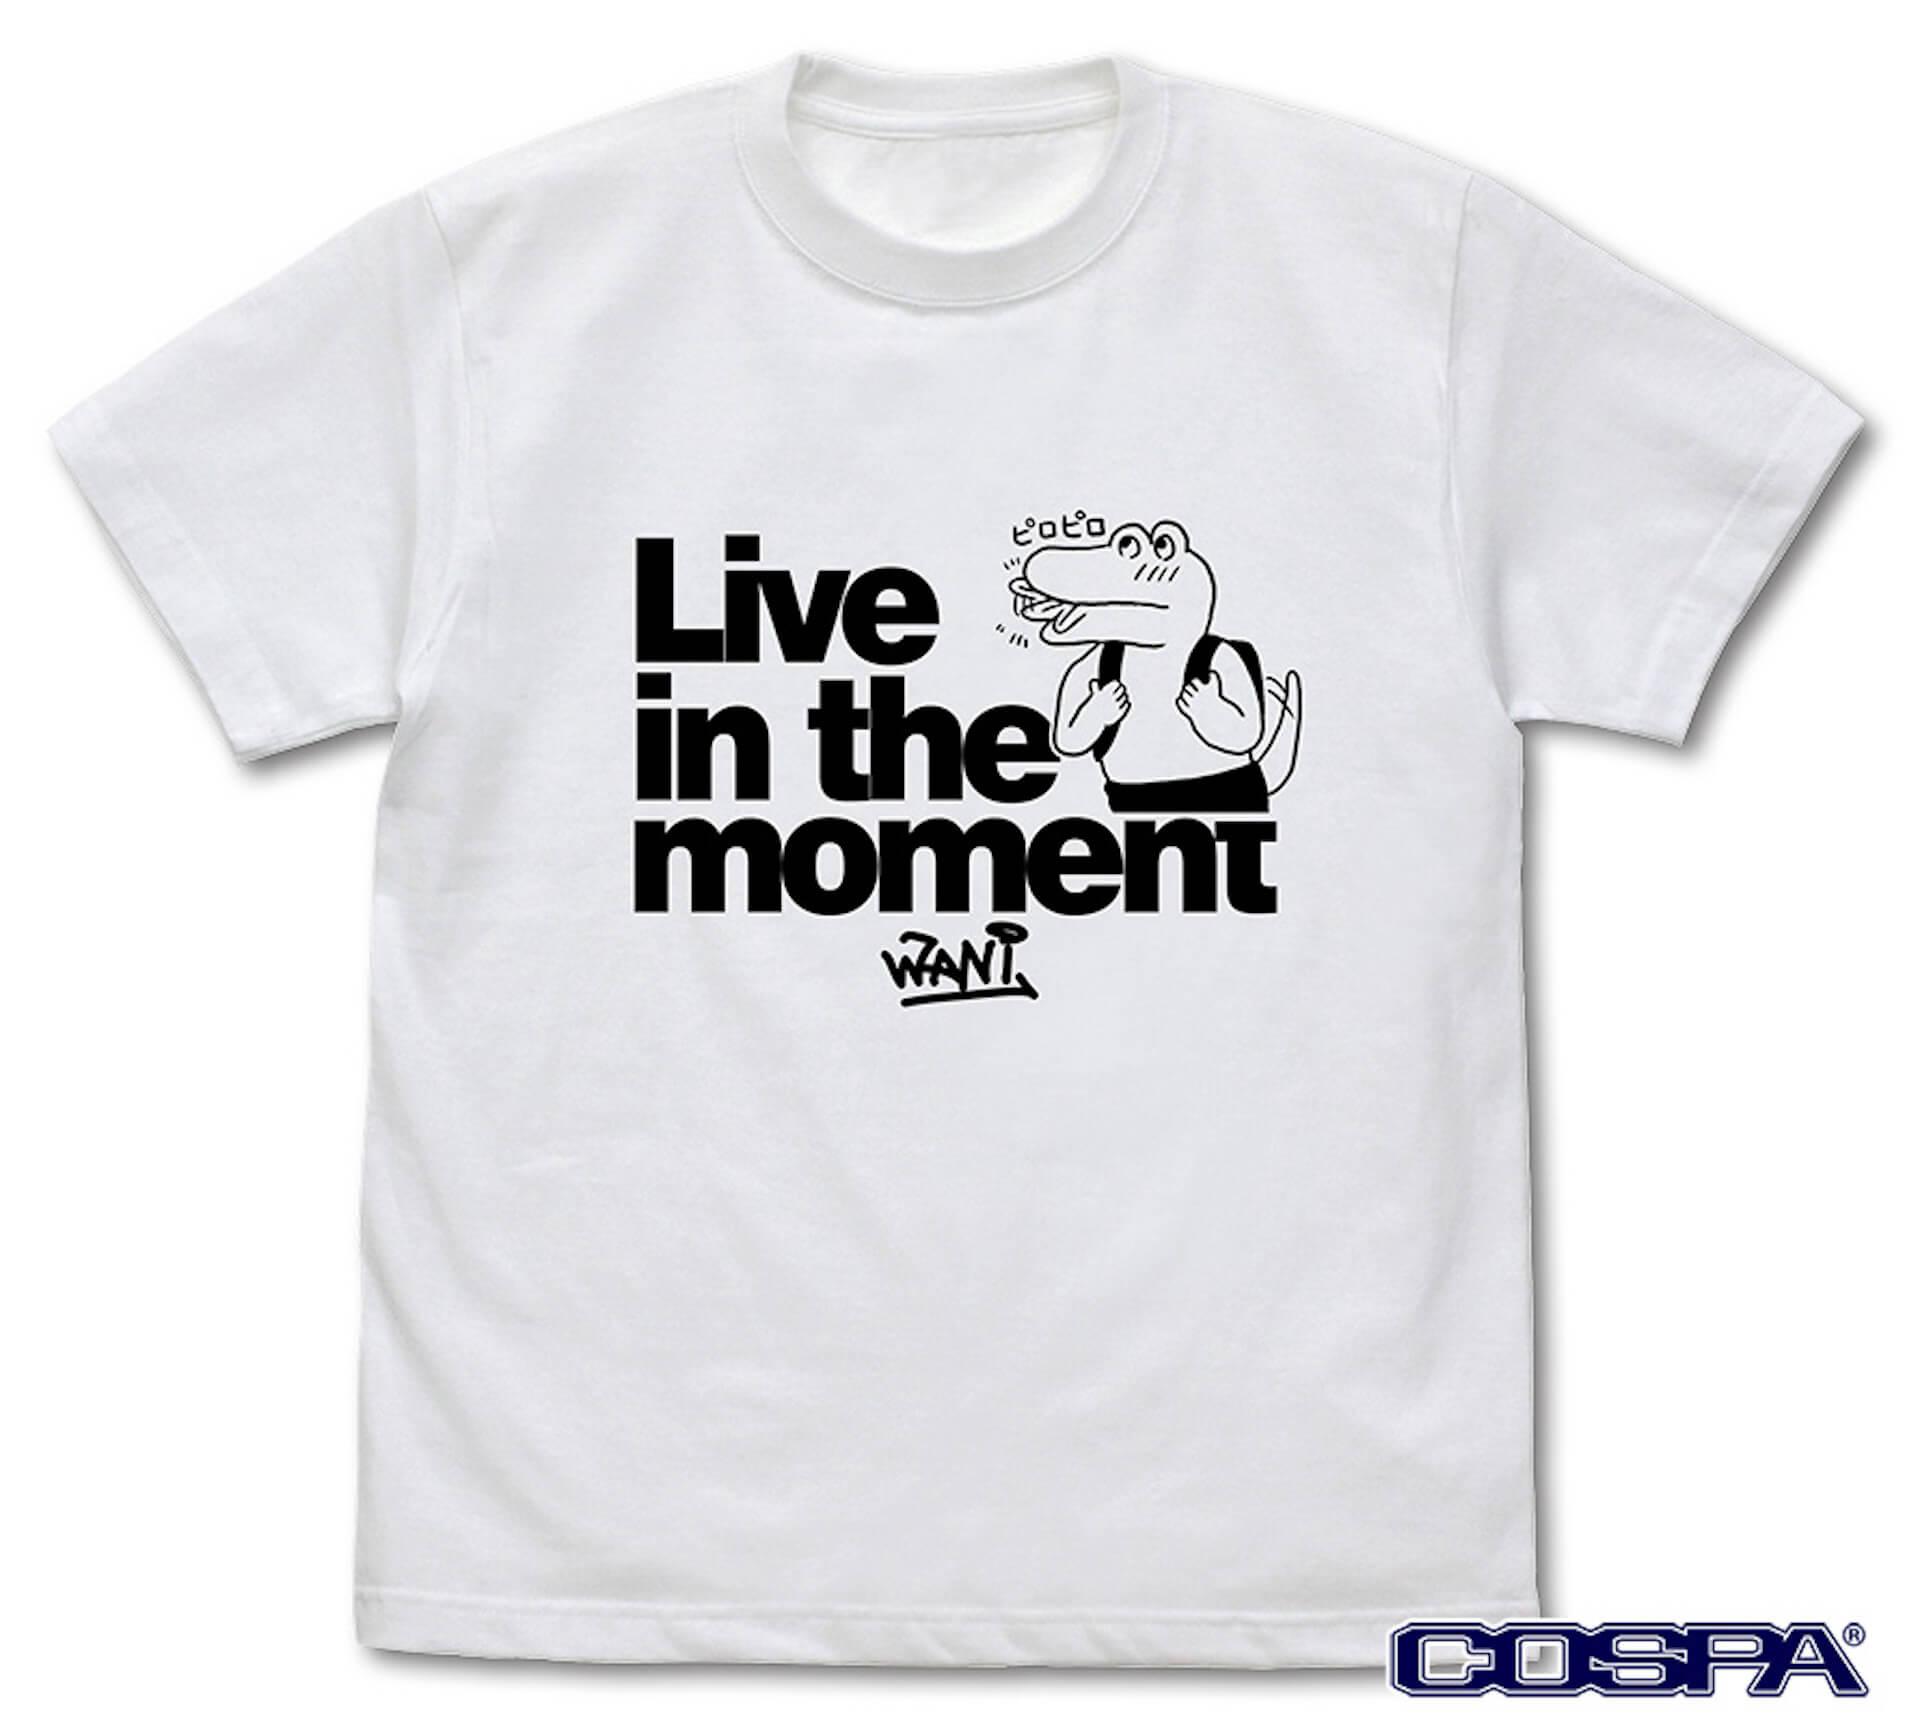 Twitterで超大人気の『100日後に死ぬワニ』グッズがヴィレヴァンオンラインに登場!Tシャツやキーホルダーなど全12種 art200324_100wani_3